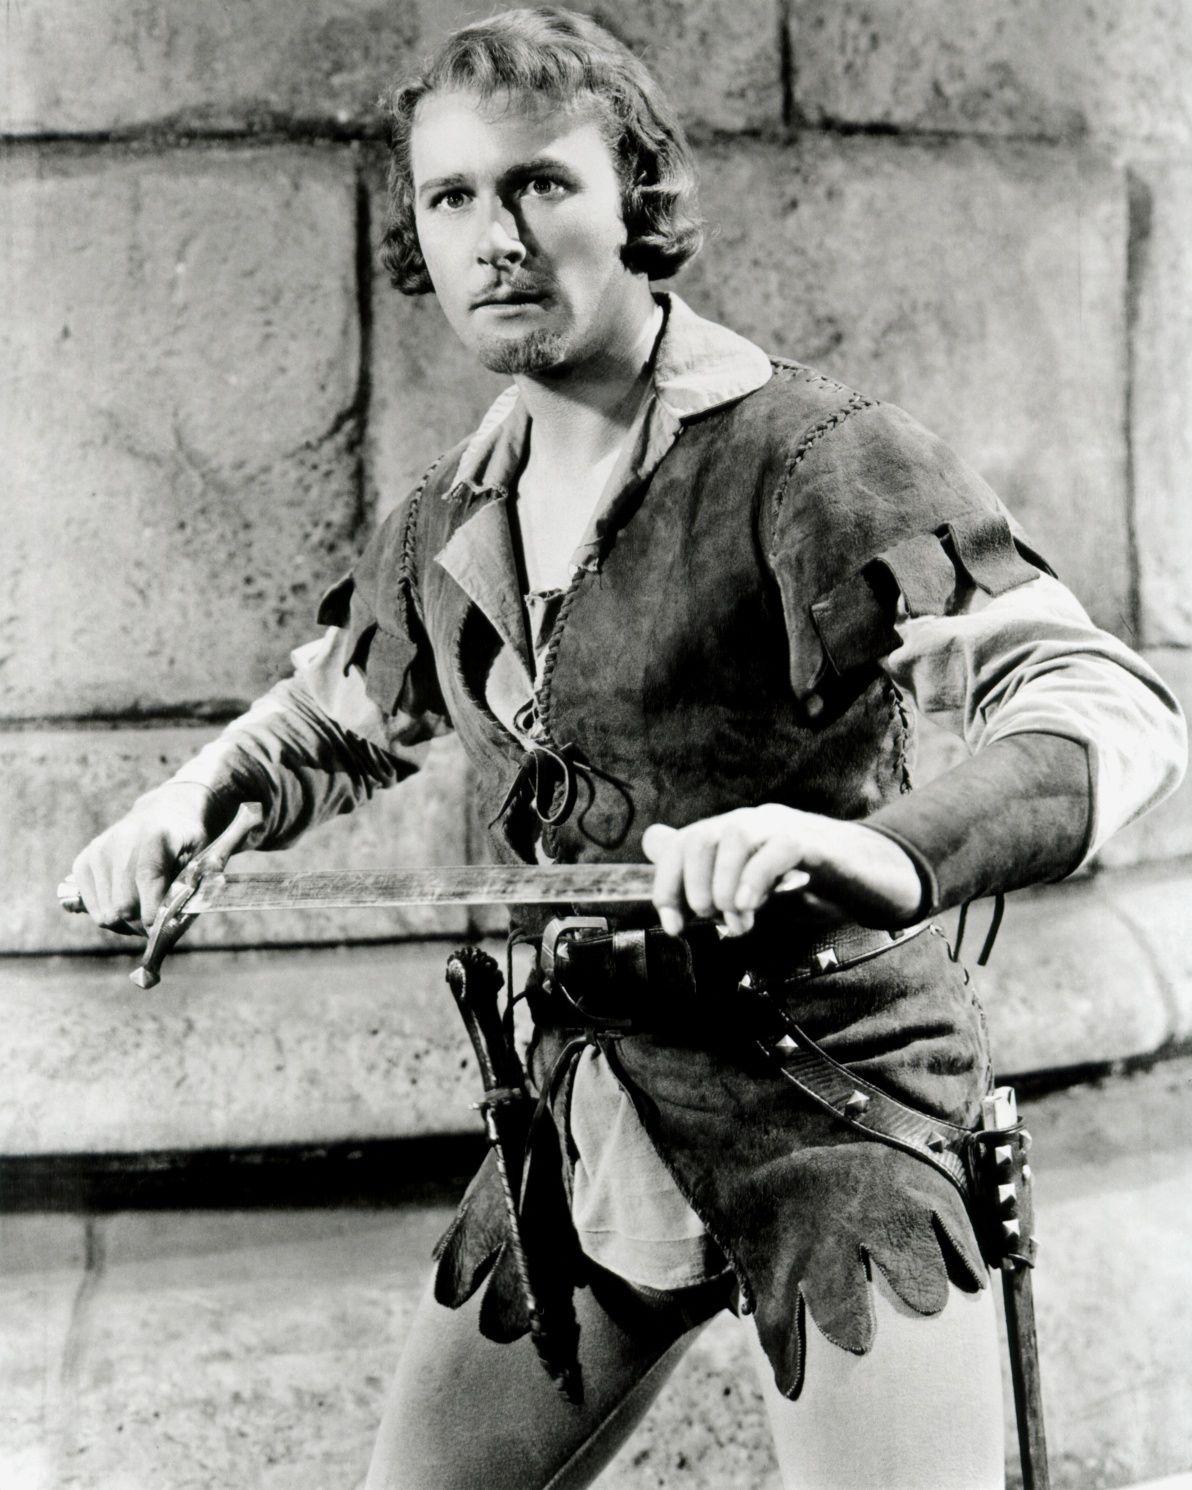 1938 The Adventures of Robin Hood. Errol Flynn